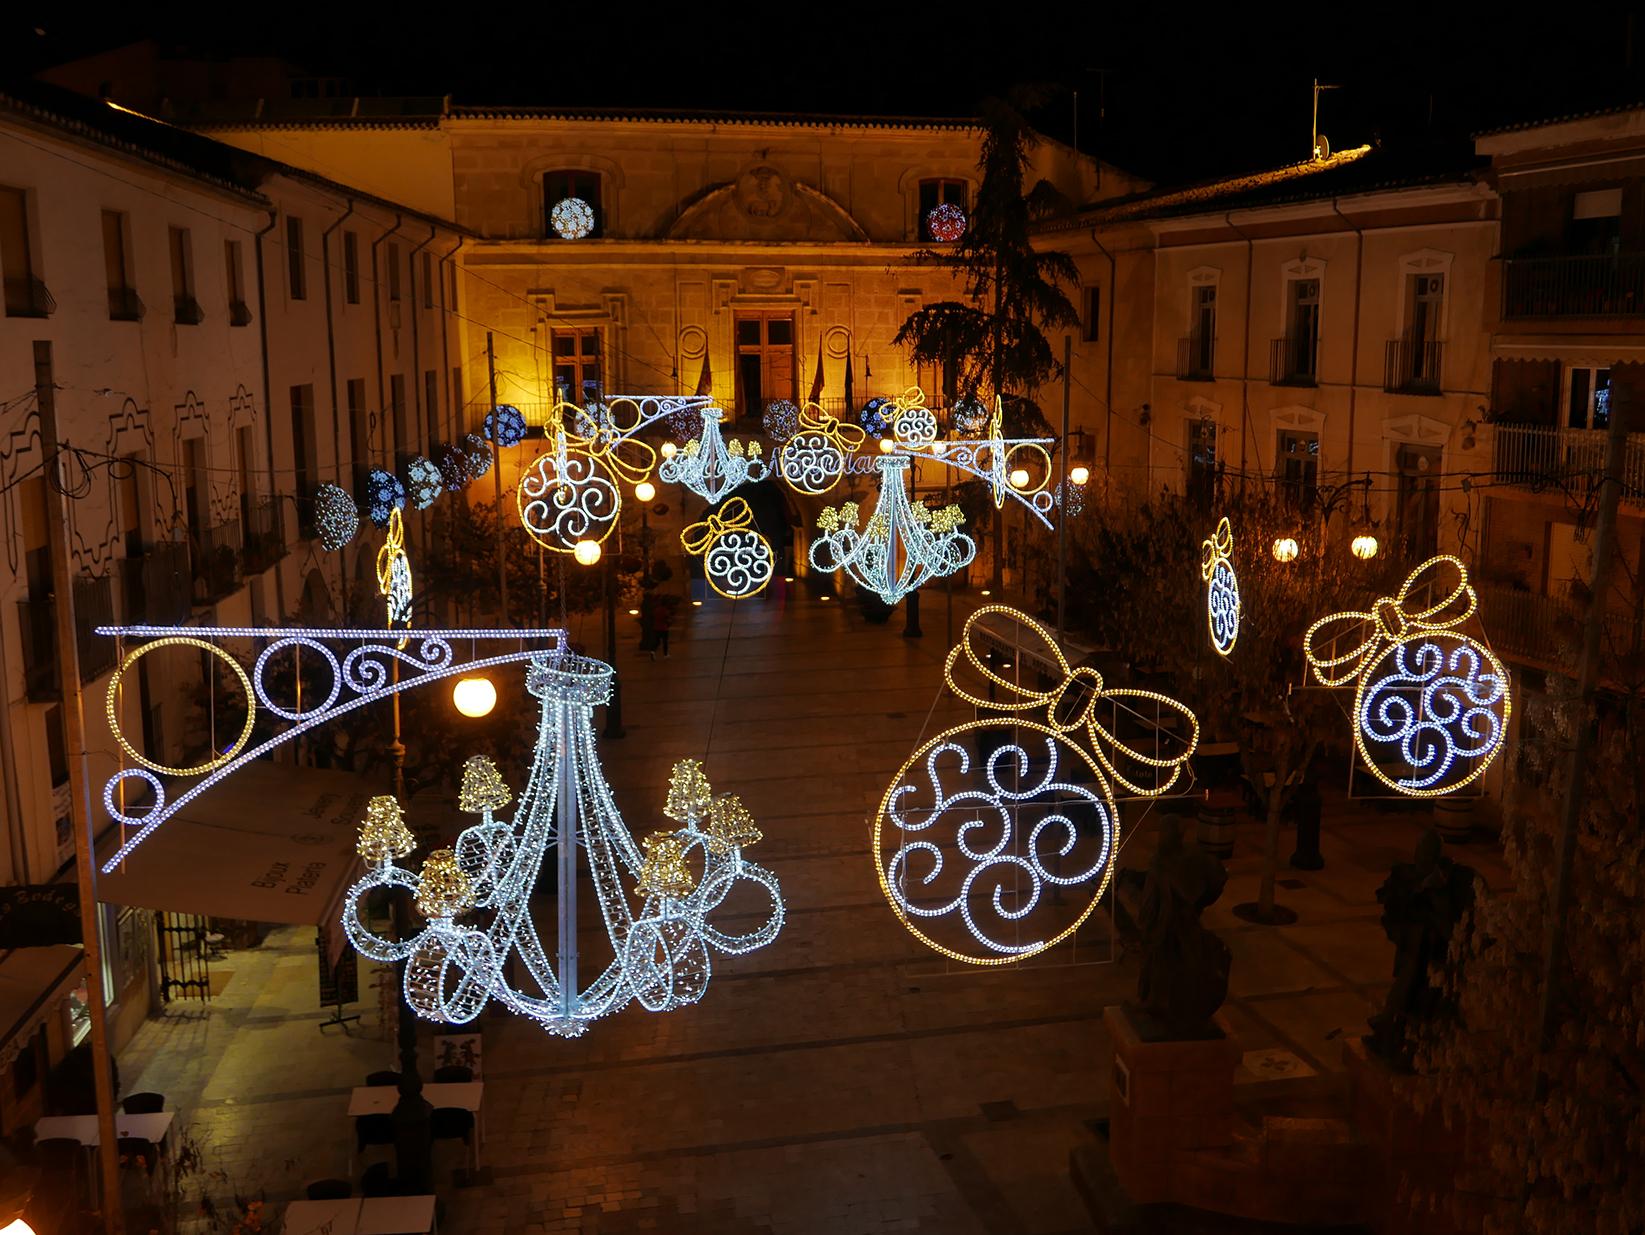 27 Elecfes Iluminaciones Navidad